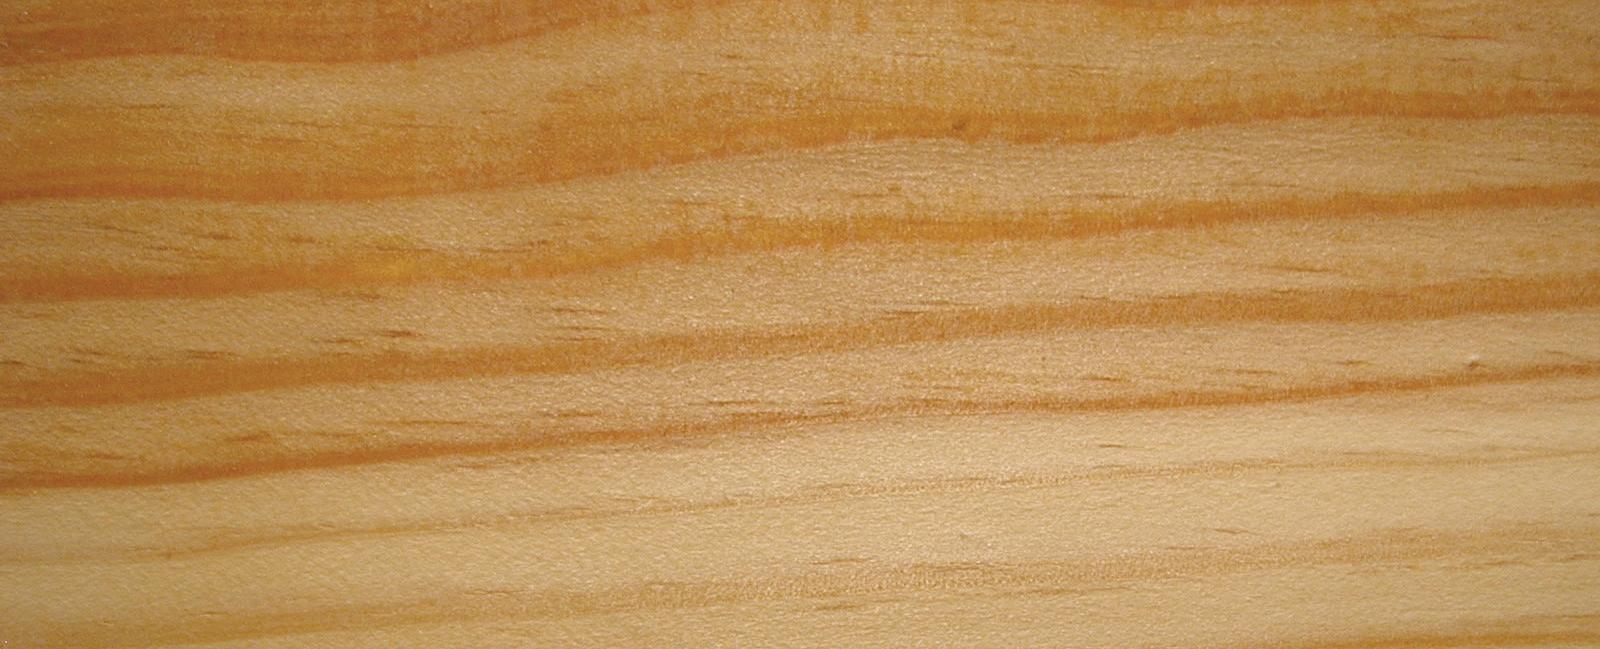 descolorir a madeira